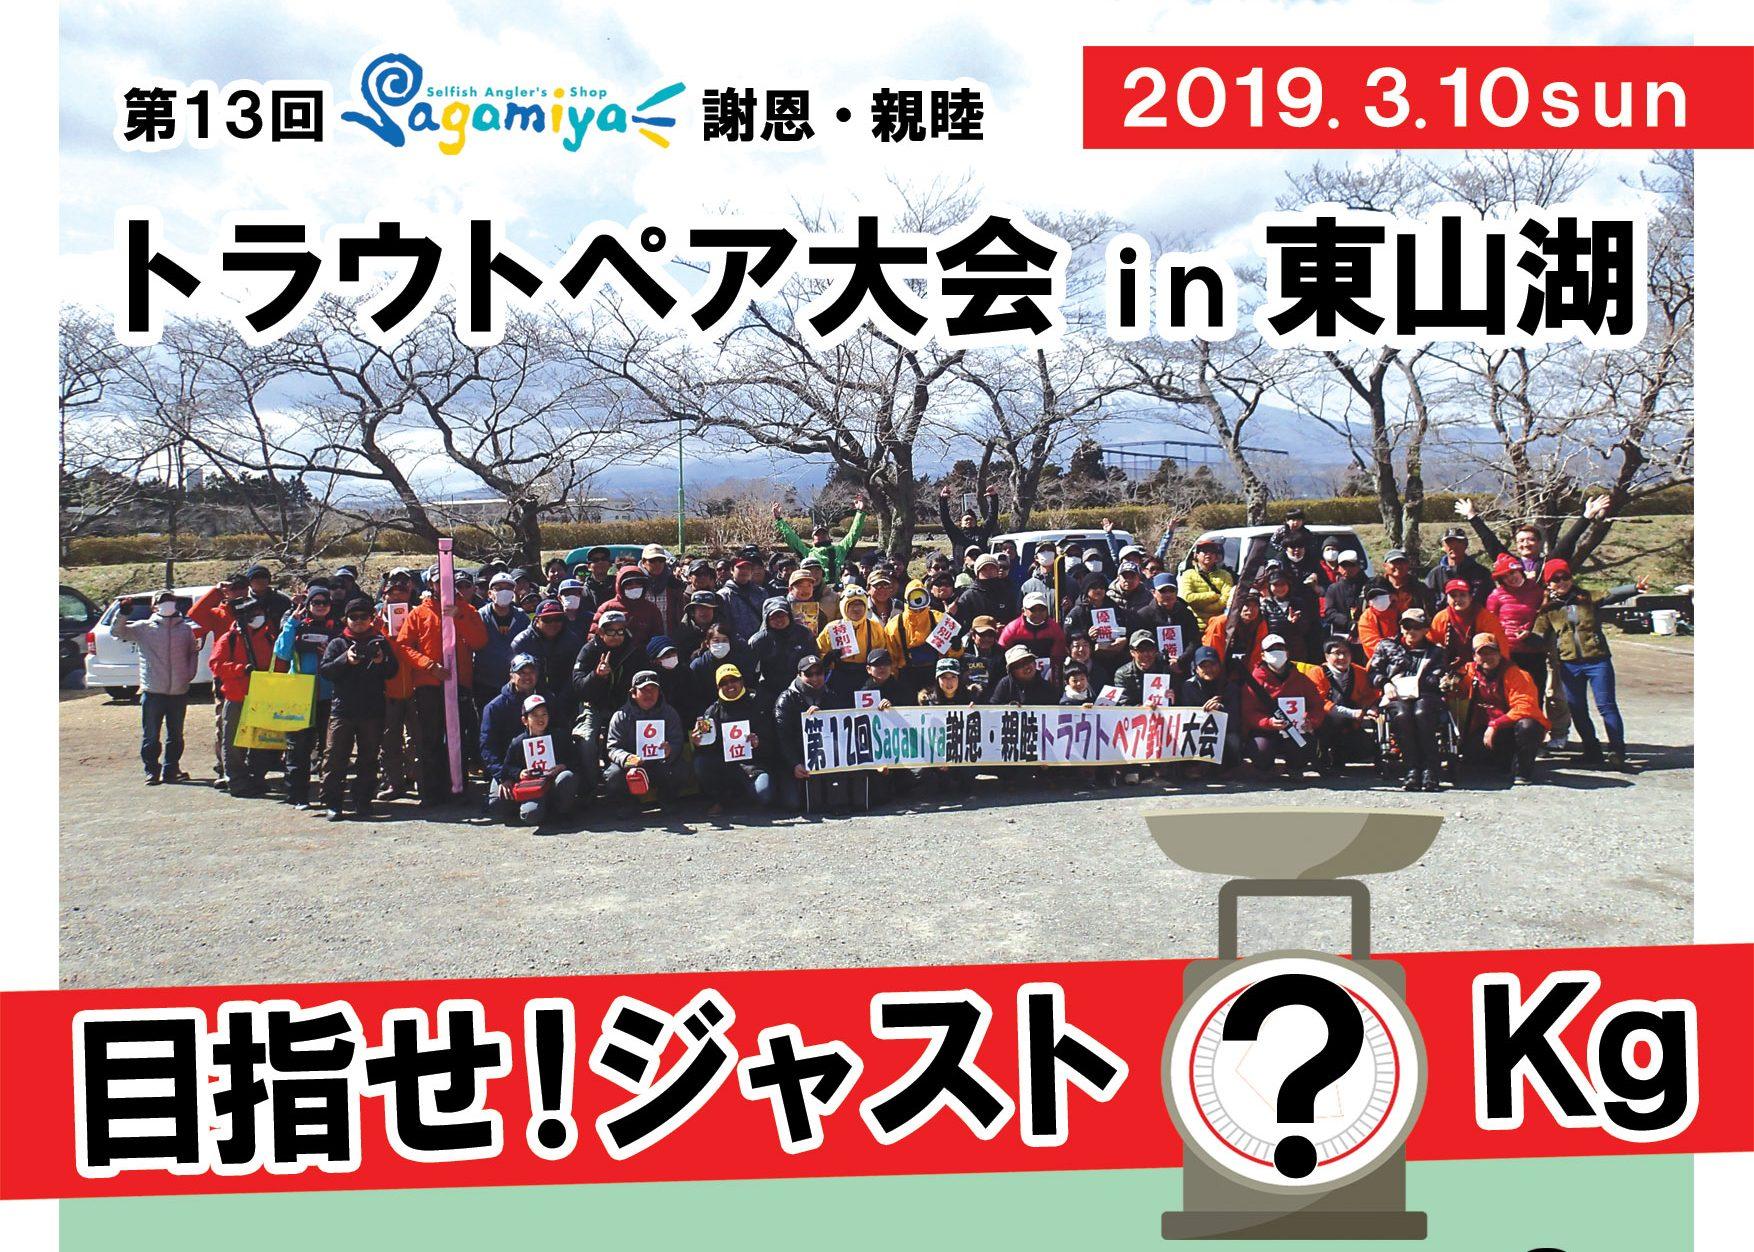 2019年3月10日(日)第13回相模屋謝恩・親睦トラウトペア大会